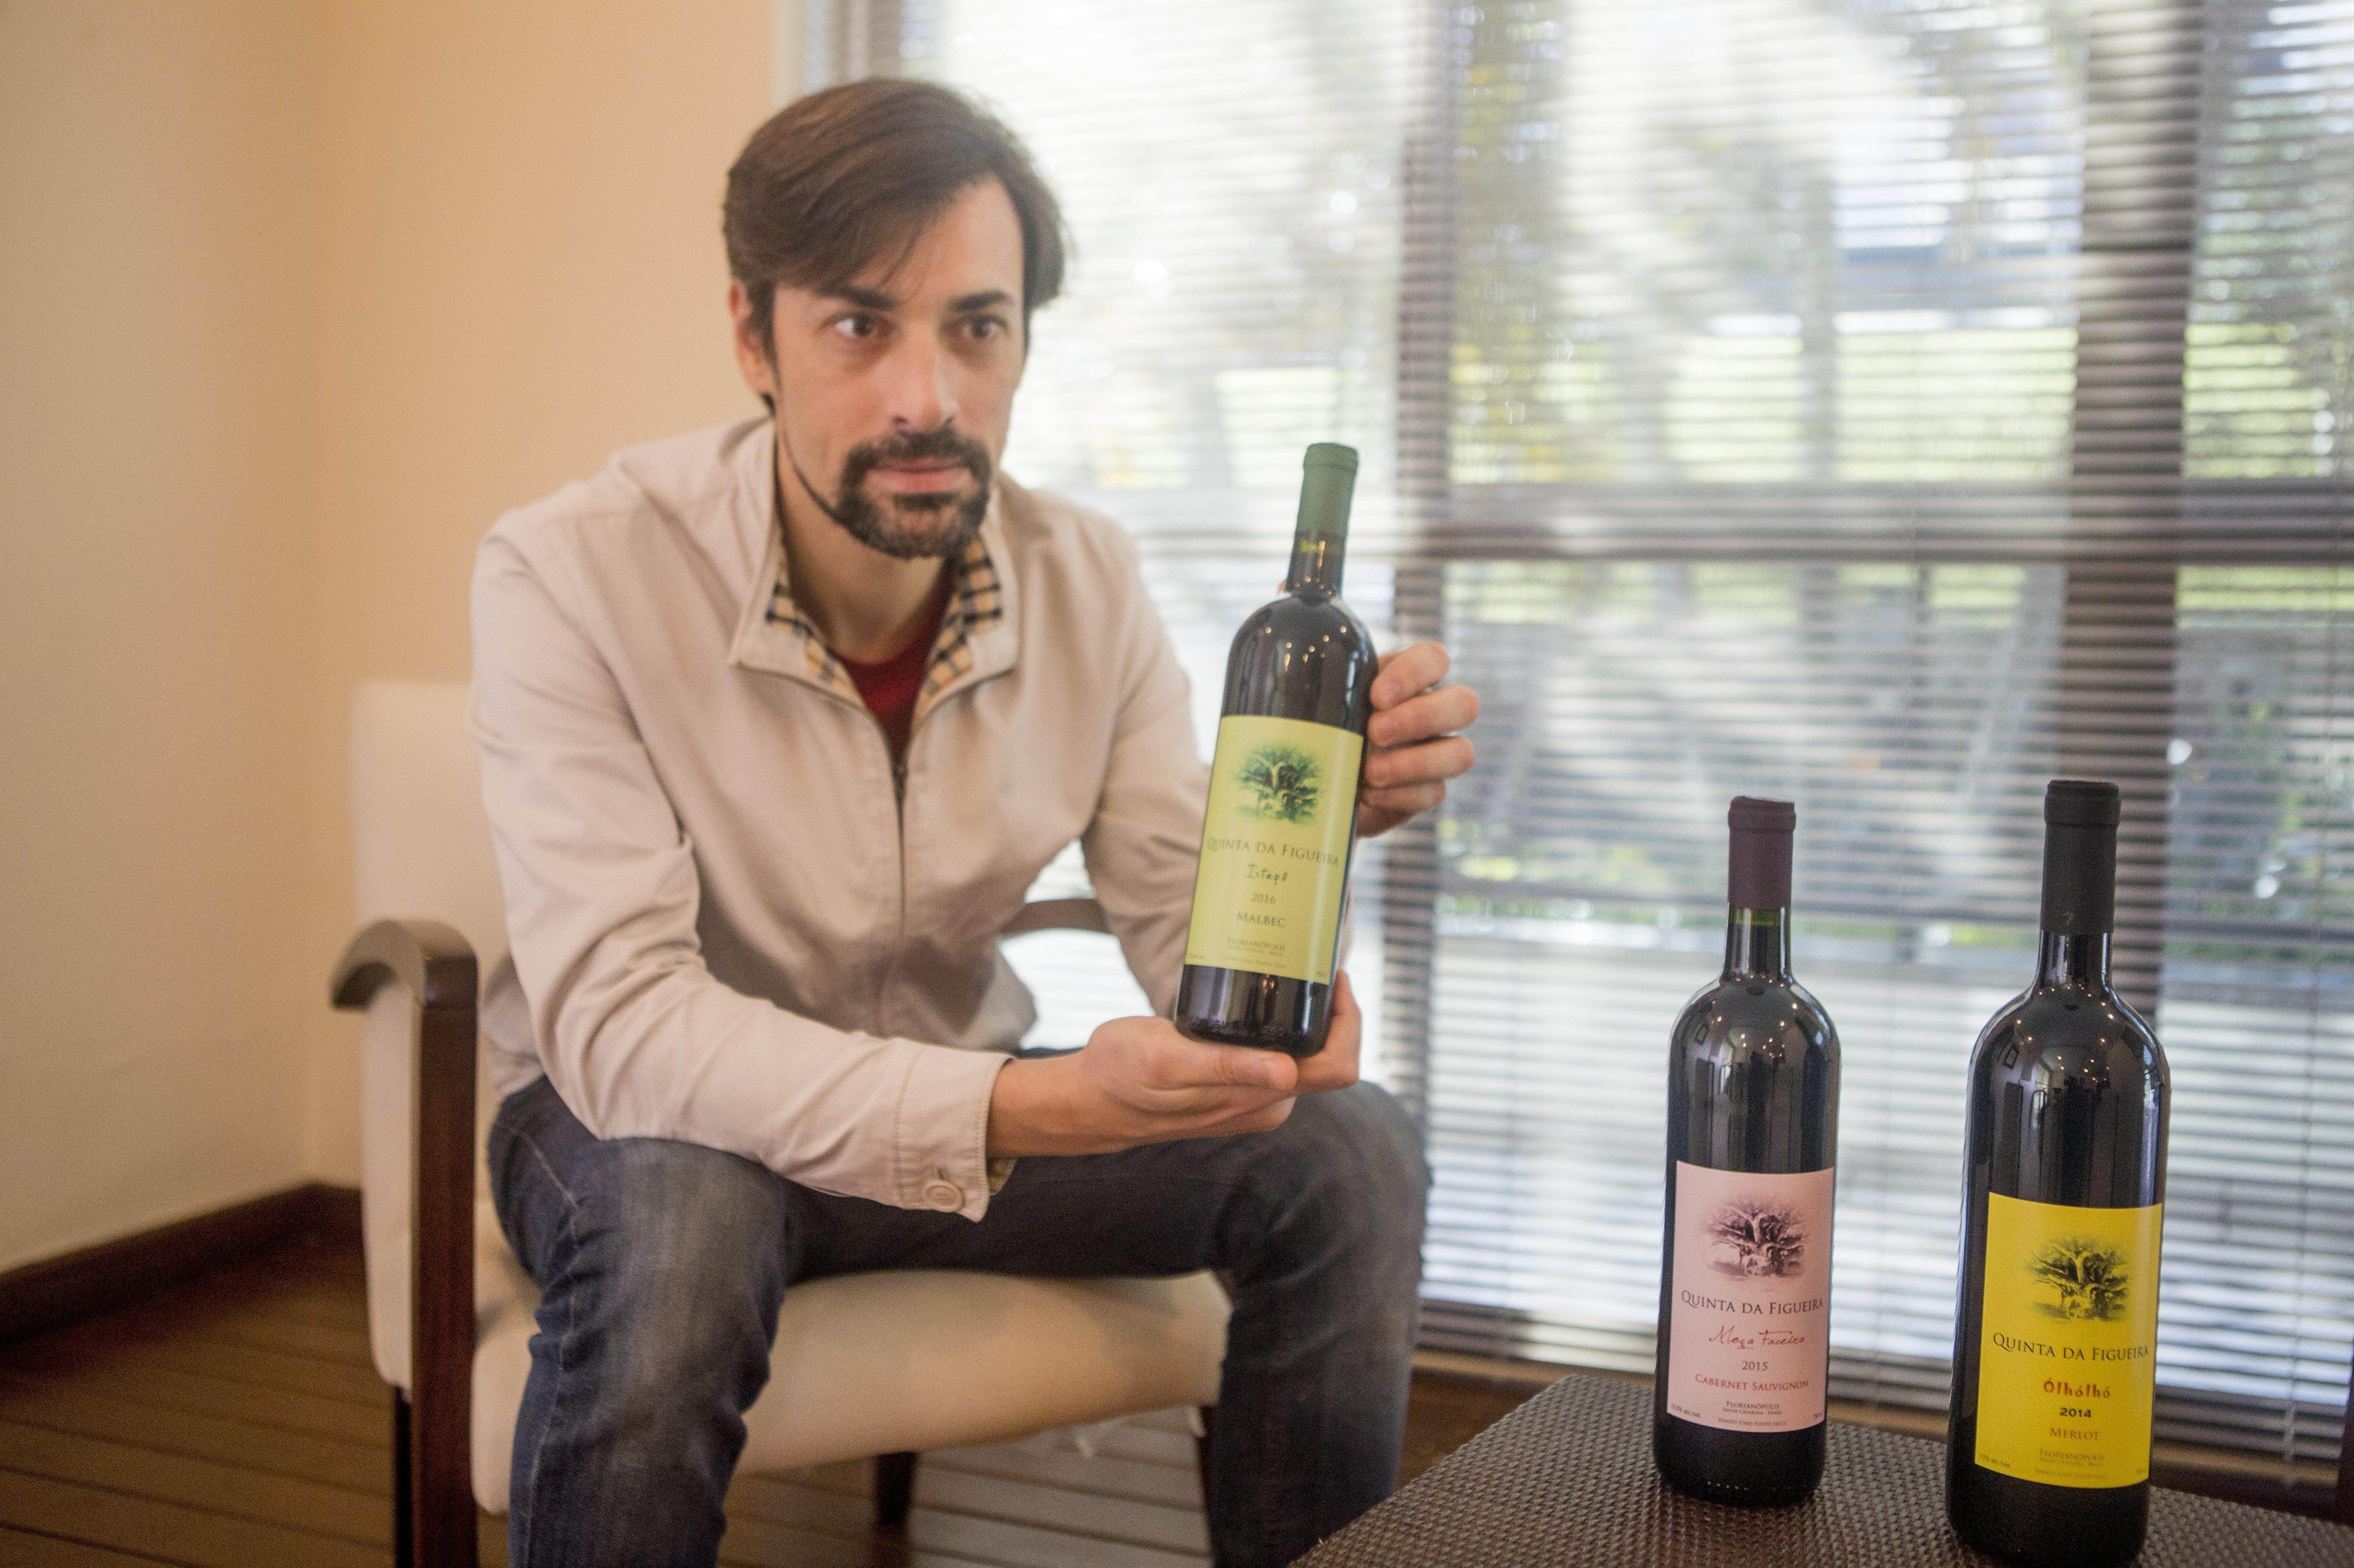 Rogério Gomes com as garrafas de vinho que produz em sua vinícola, a Quinta da Figueira - Flávio Tin/ND